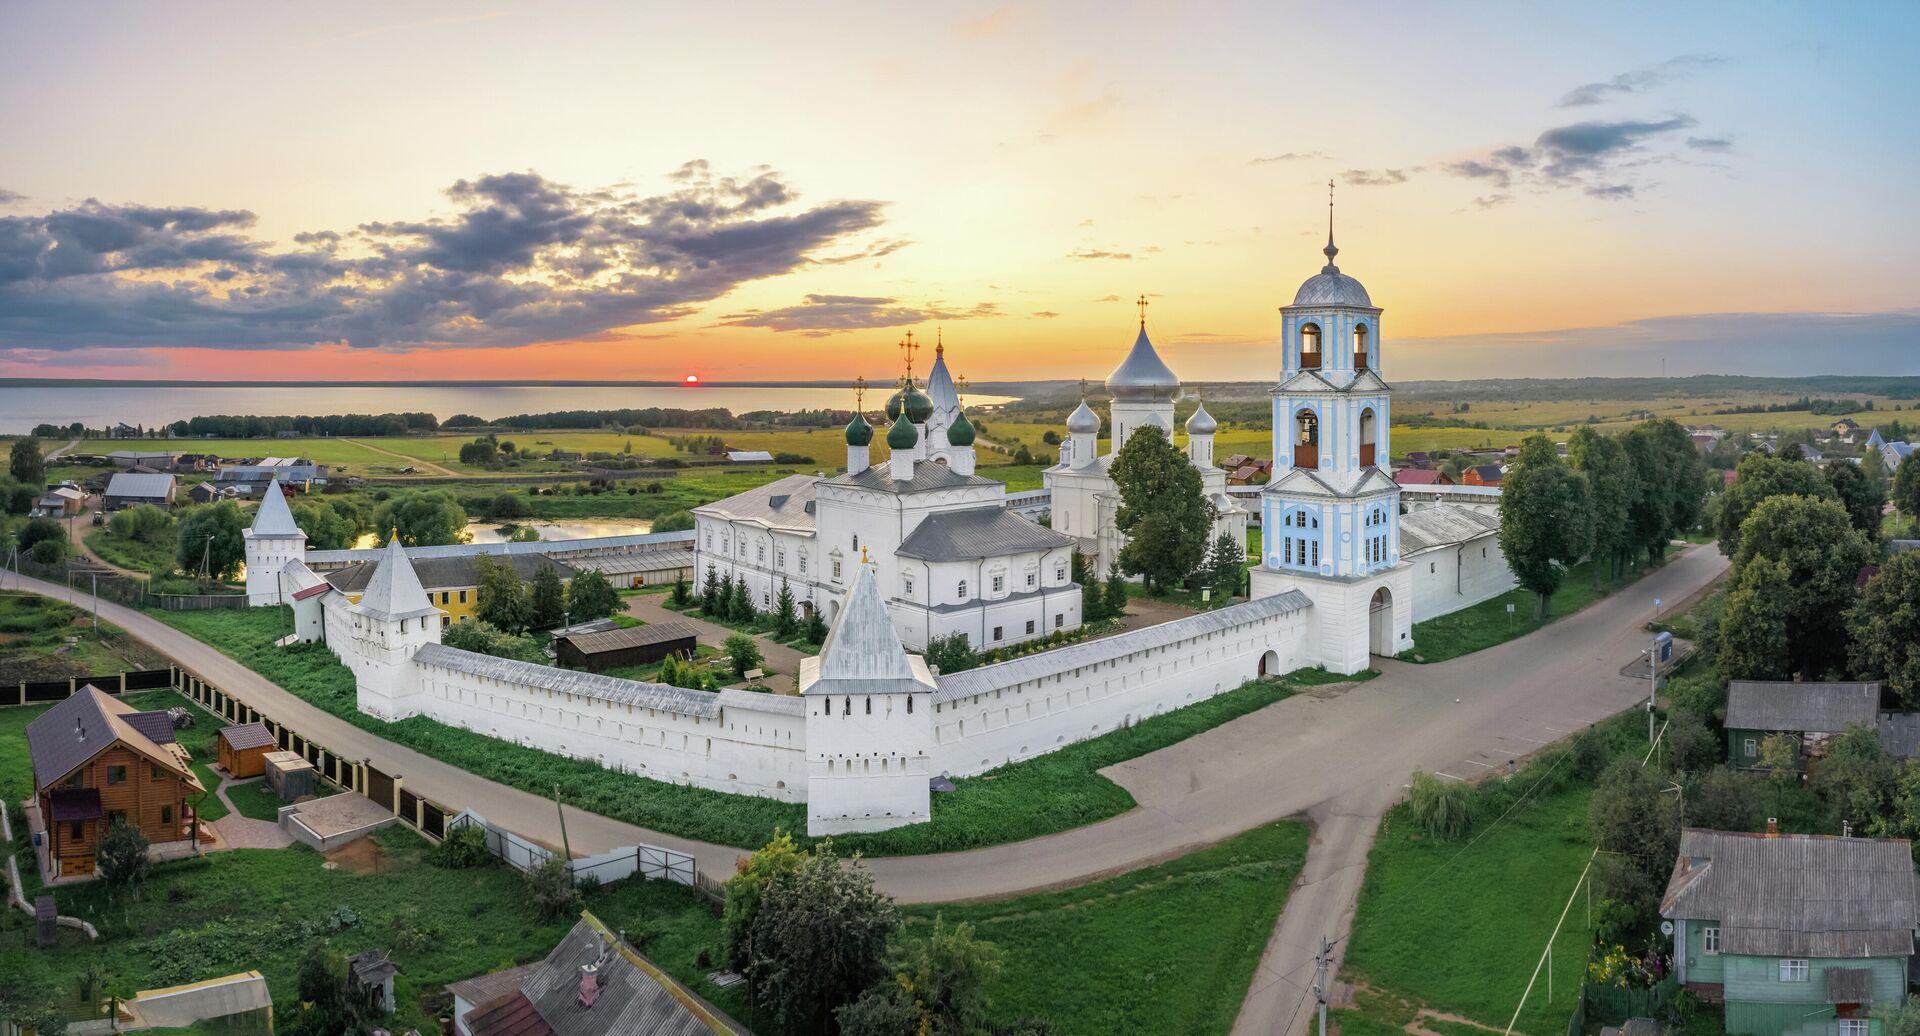 Никитский монастырь в Переславле-Залесском - РИА Новости, 1920, 22.03.2021